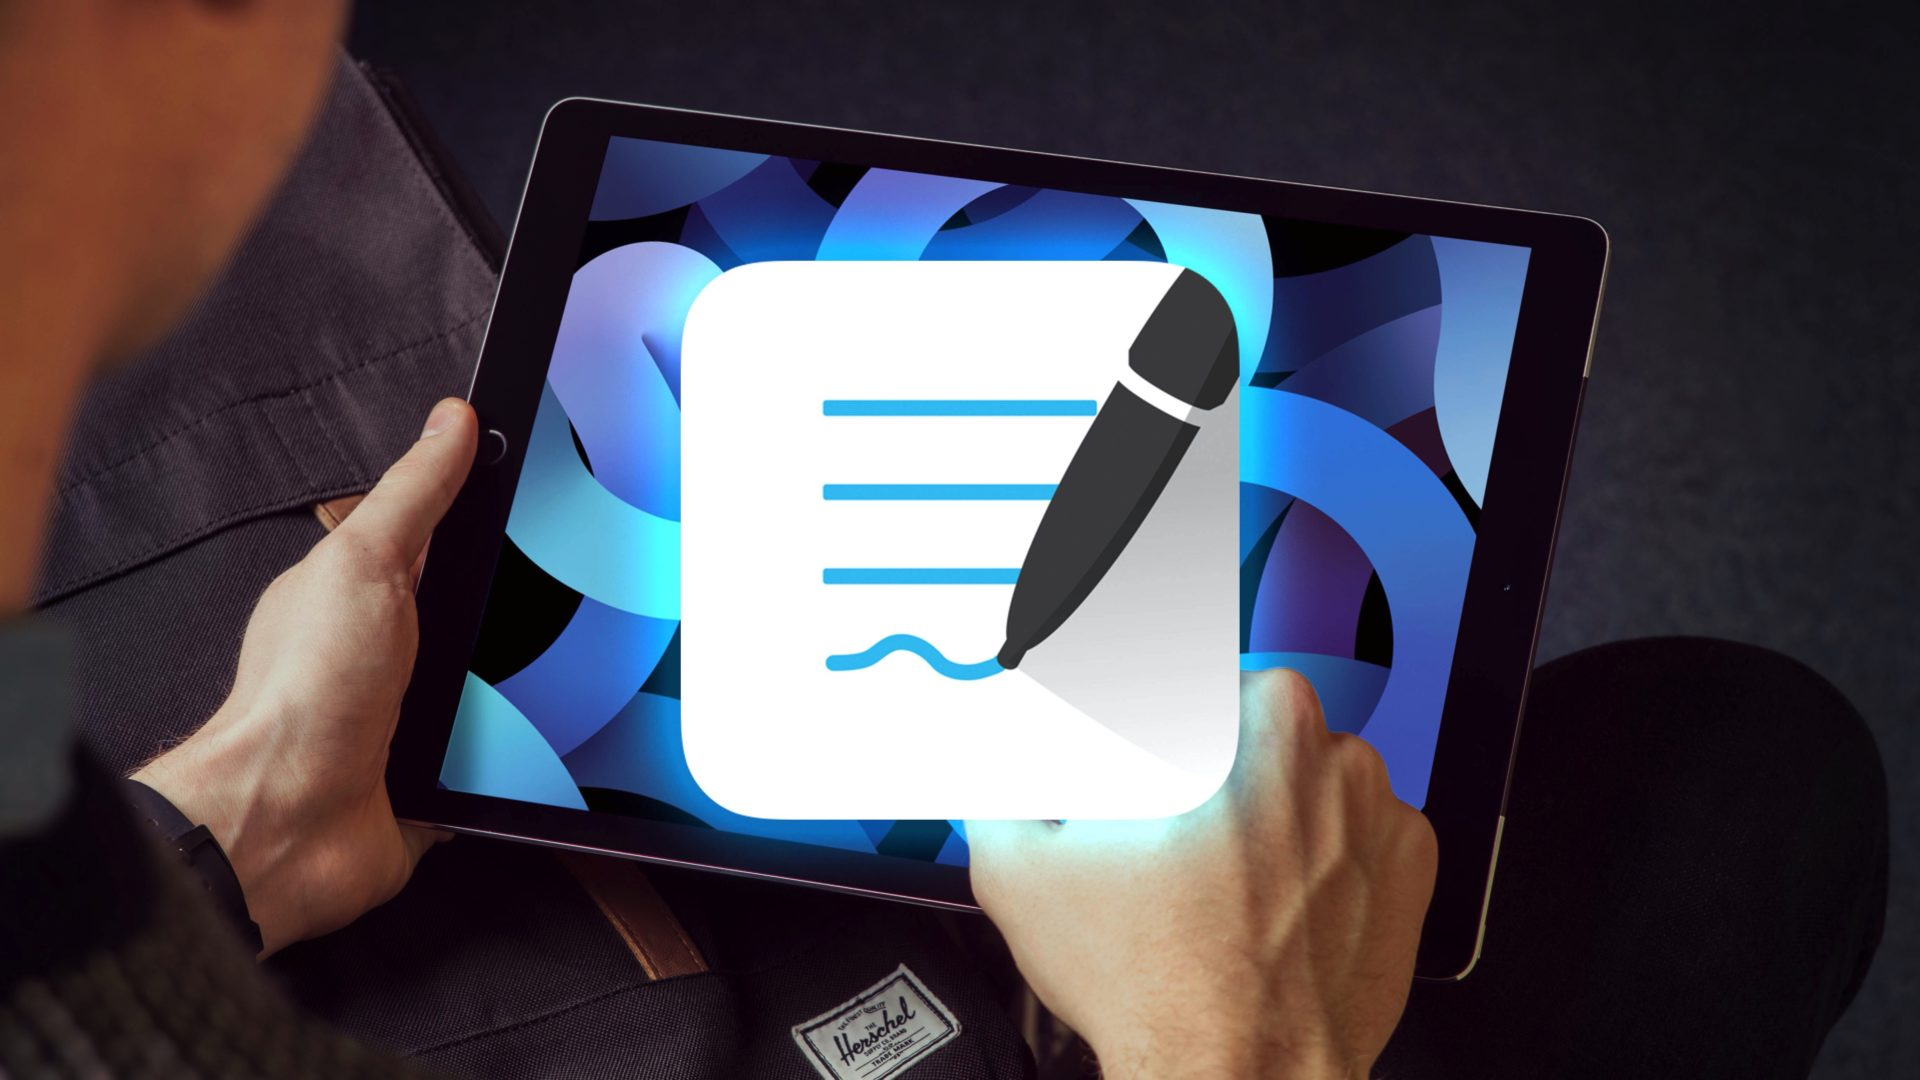 iPadノートアプリ「GoodNotes5」を120%使いこなす!完全攻略ガイド